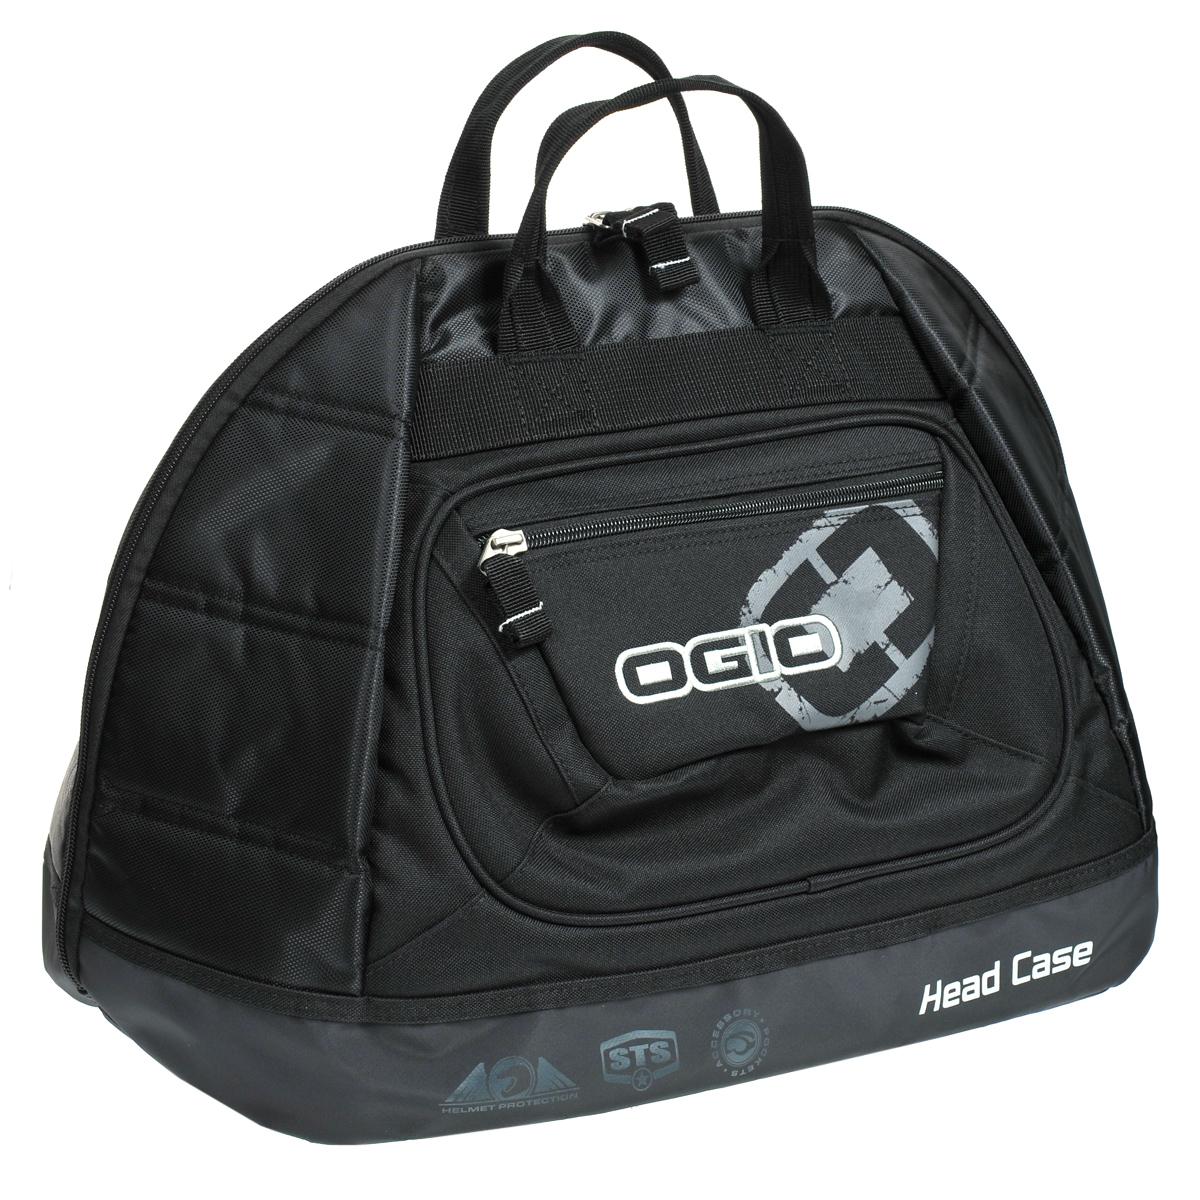 Сумка Ogio Head Case Stealth, цвет: черный121009.36В эту сумку прекрасно влезают все виды вело- мотошлемов со стабилизаторами и без них. Здесь имеются встроенные поролоновые панели IFOM и дополнительная текстильная подкладка обеспечивают надежную защиту. Более того, защитные карманы молний предотвращают появление царапин от зубцов молний, а вместительный карман обеспечит легкий доступ к очкам, линзам и отрывным пленкам. Кроме того имеется наружный карман на молнии для ценных вещей. Поддон долговечен, благодаря армированию. Инновационная технология iFOM представляет собой слой из поролона, который крепится к материалу внешнего покрытия. Этот слой не только обеспечивает надежную защиту находящихся внутри вещей, но также создает дополнительную структурную жесткость, придавая сумке элегантный и законченный внешний вид КОМПЛЕКТАЦИЯ Вместительная сумка для шлема. Подходит для всех типов и размеров шлемов со стабилизаторами и без них. Встроенные поролоновые панели IFOM и дополнительная...